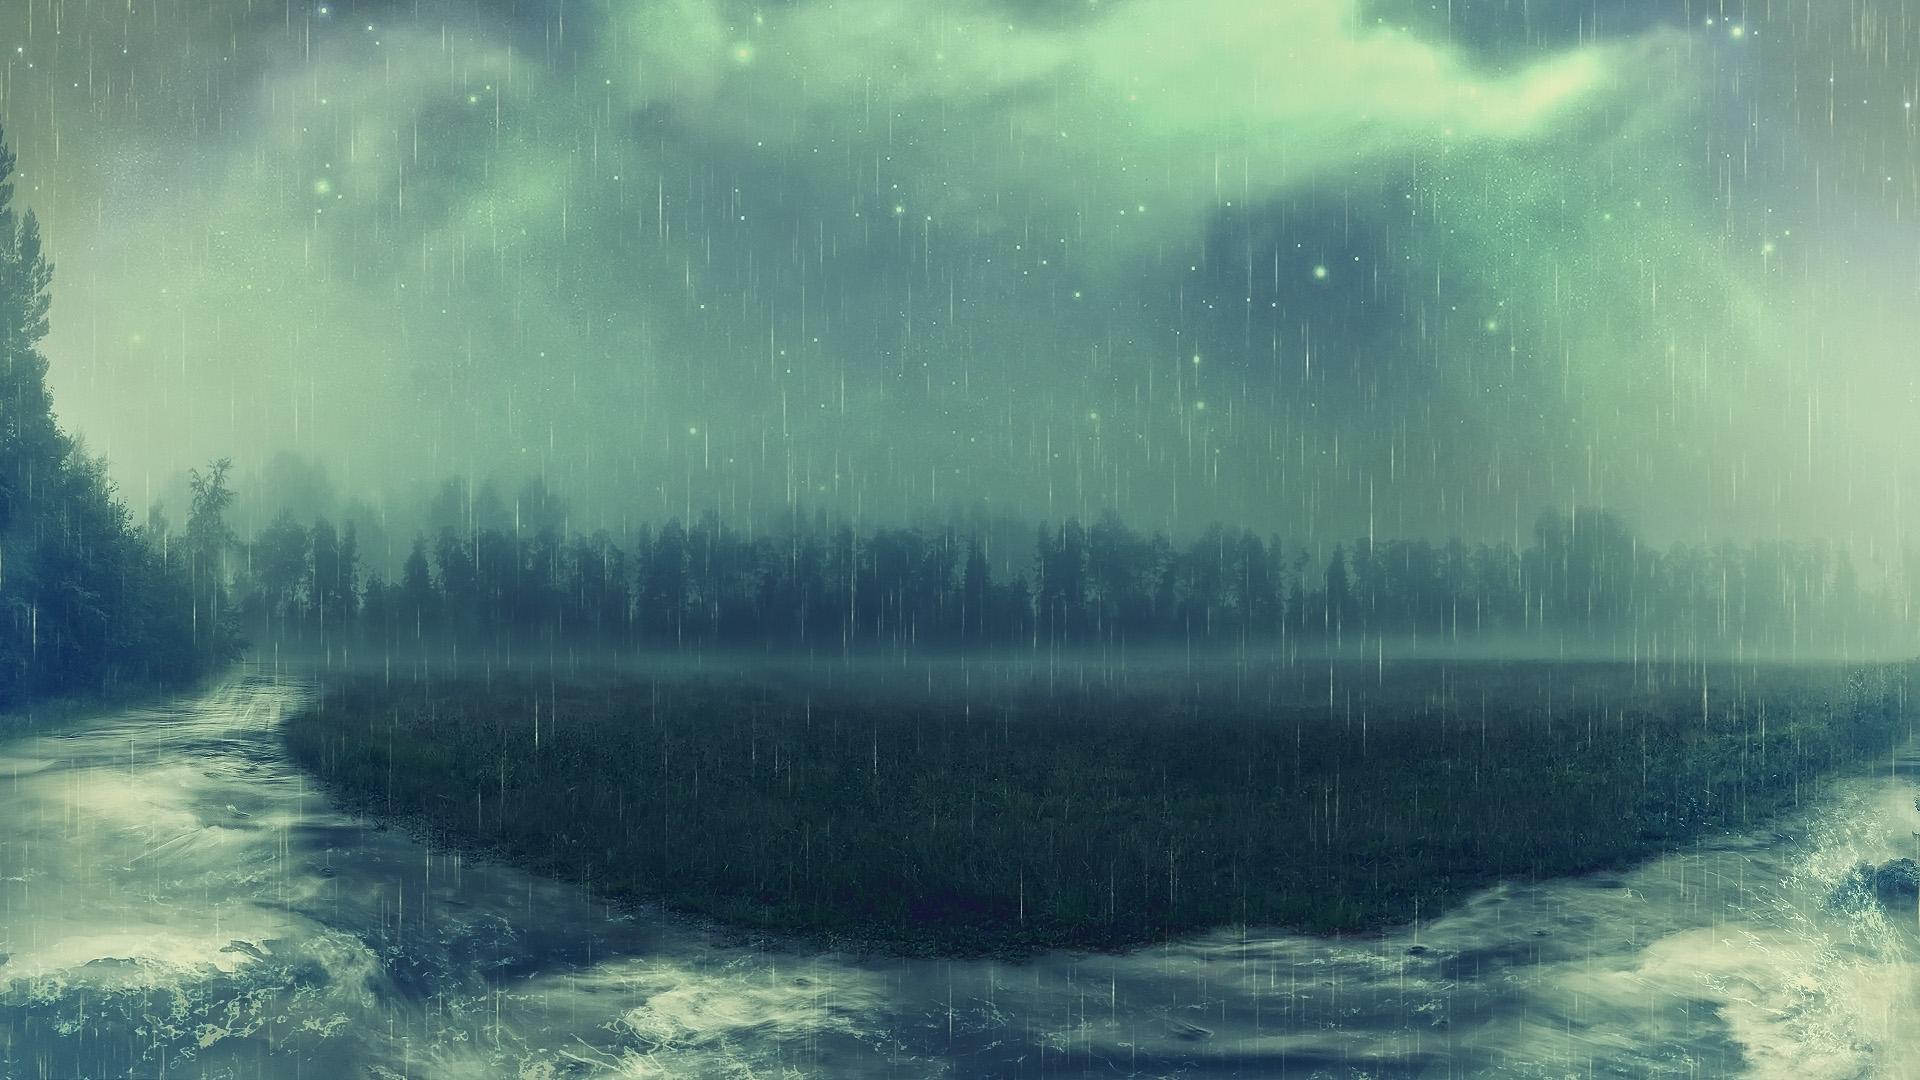 今年的天气为何那么奇怪,老天爷什么时候能做到风调雨顺?